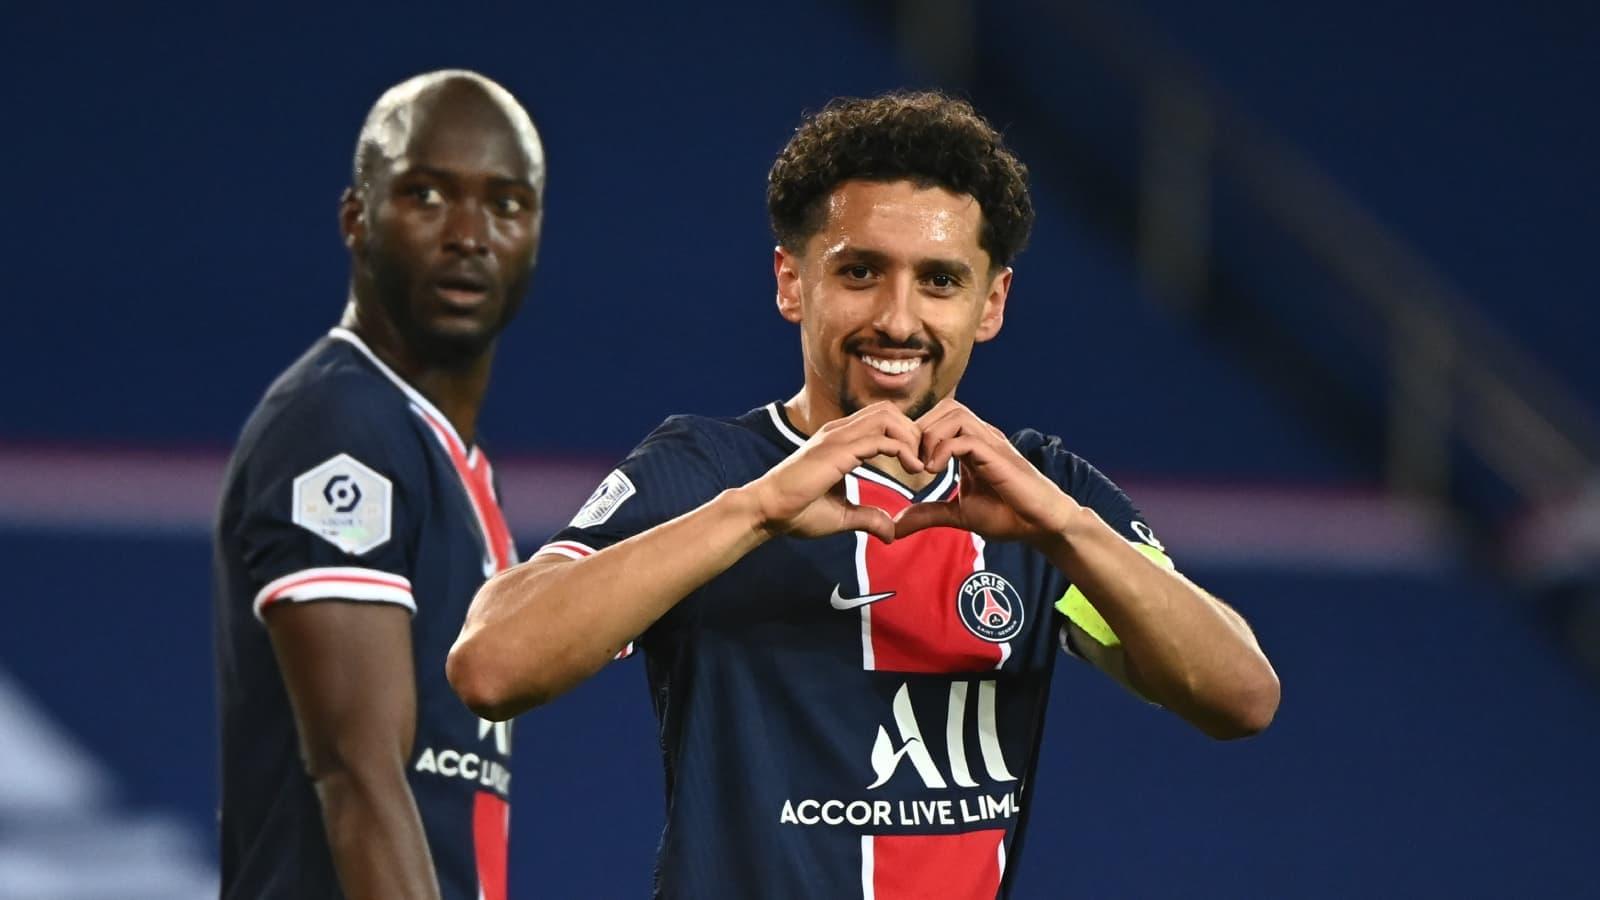 Suivez la Ligue 1 avec le Pass Ligue 1 sur Prime Video